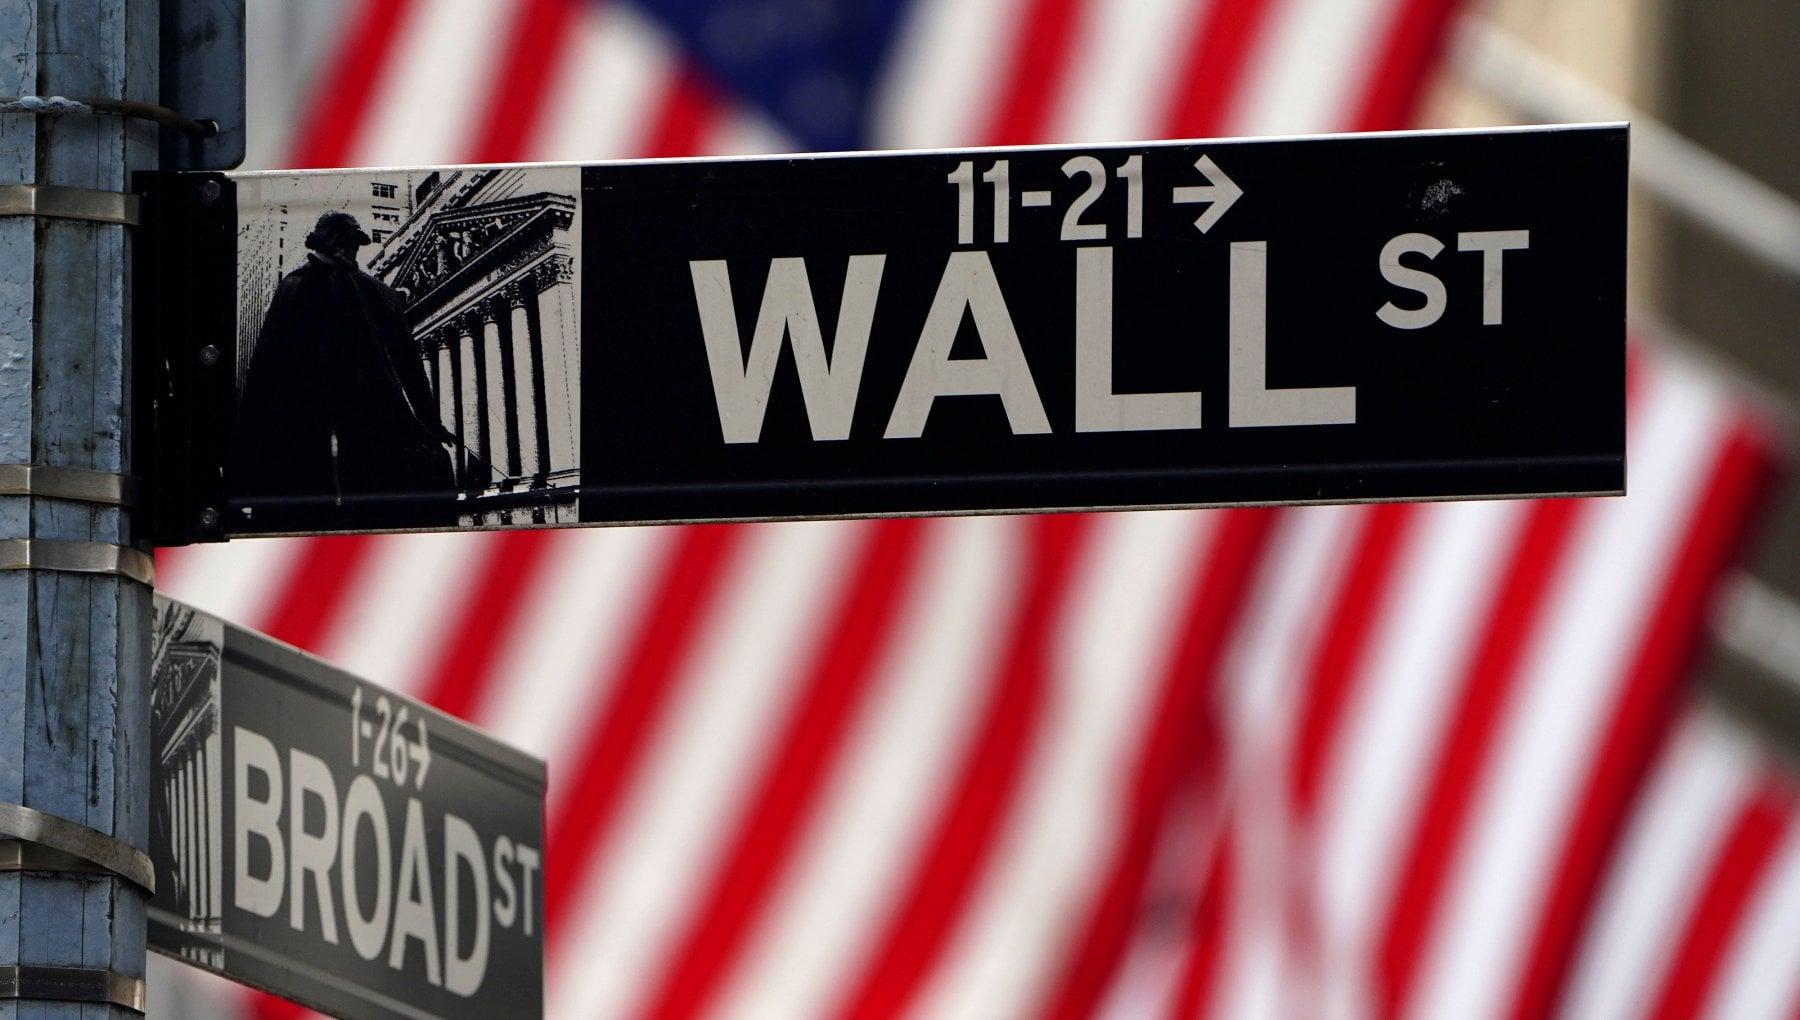 164602355 a7bf0fd0 2f7d 4f66 a4ed aedc49c1b530 - Usa, svolta a Wall Street: tutte le società dello S&P 500 hanno almeno una donna nel Cda